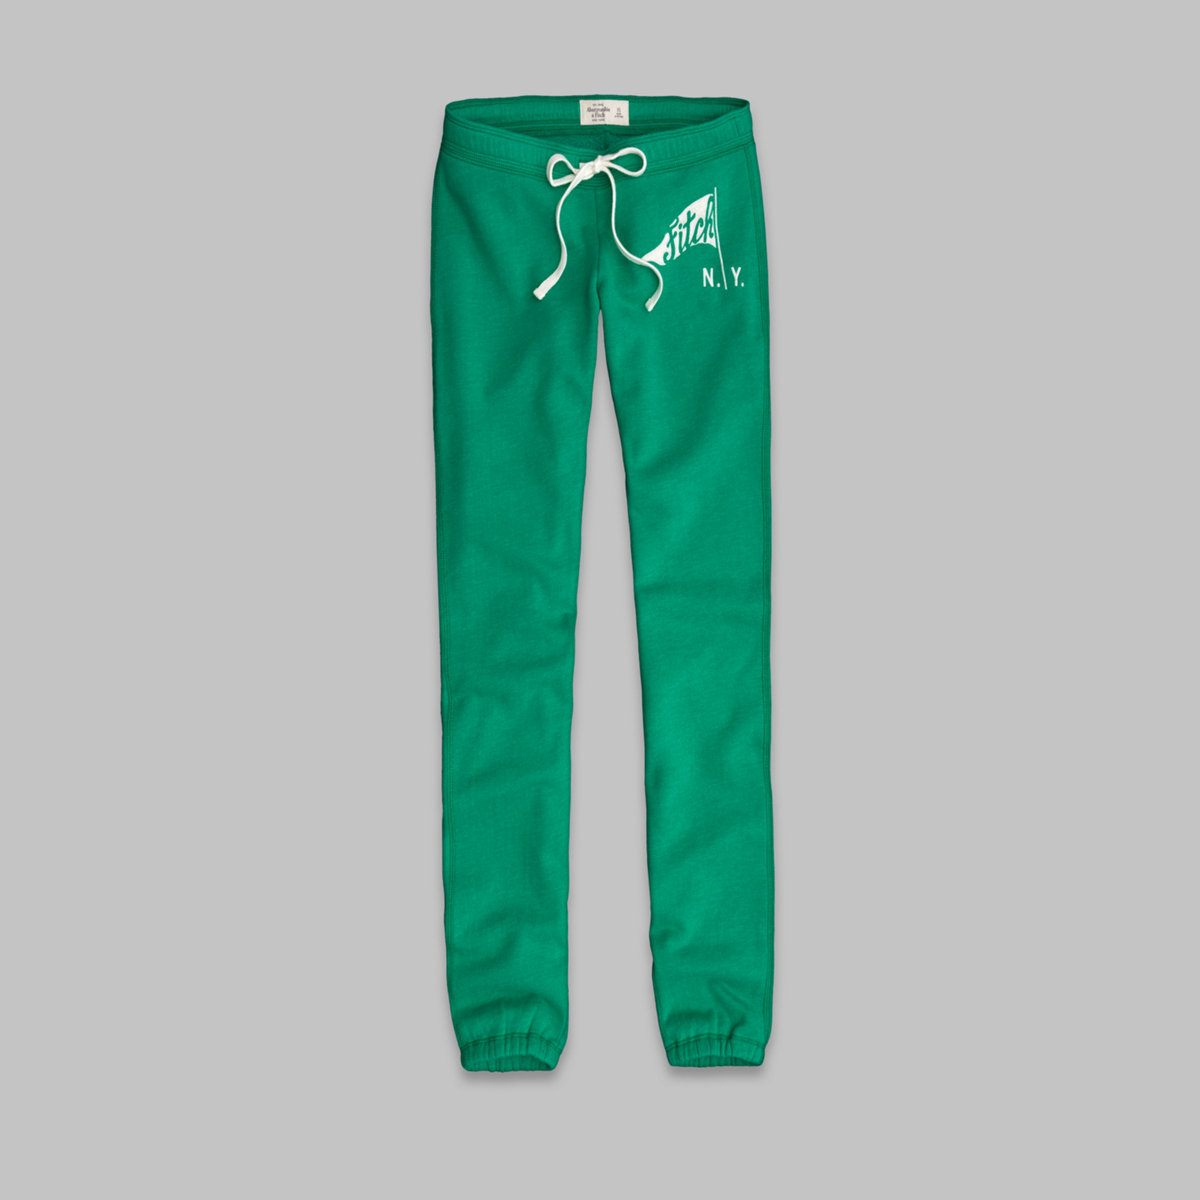 A&F Slim Banded Sweatpants